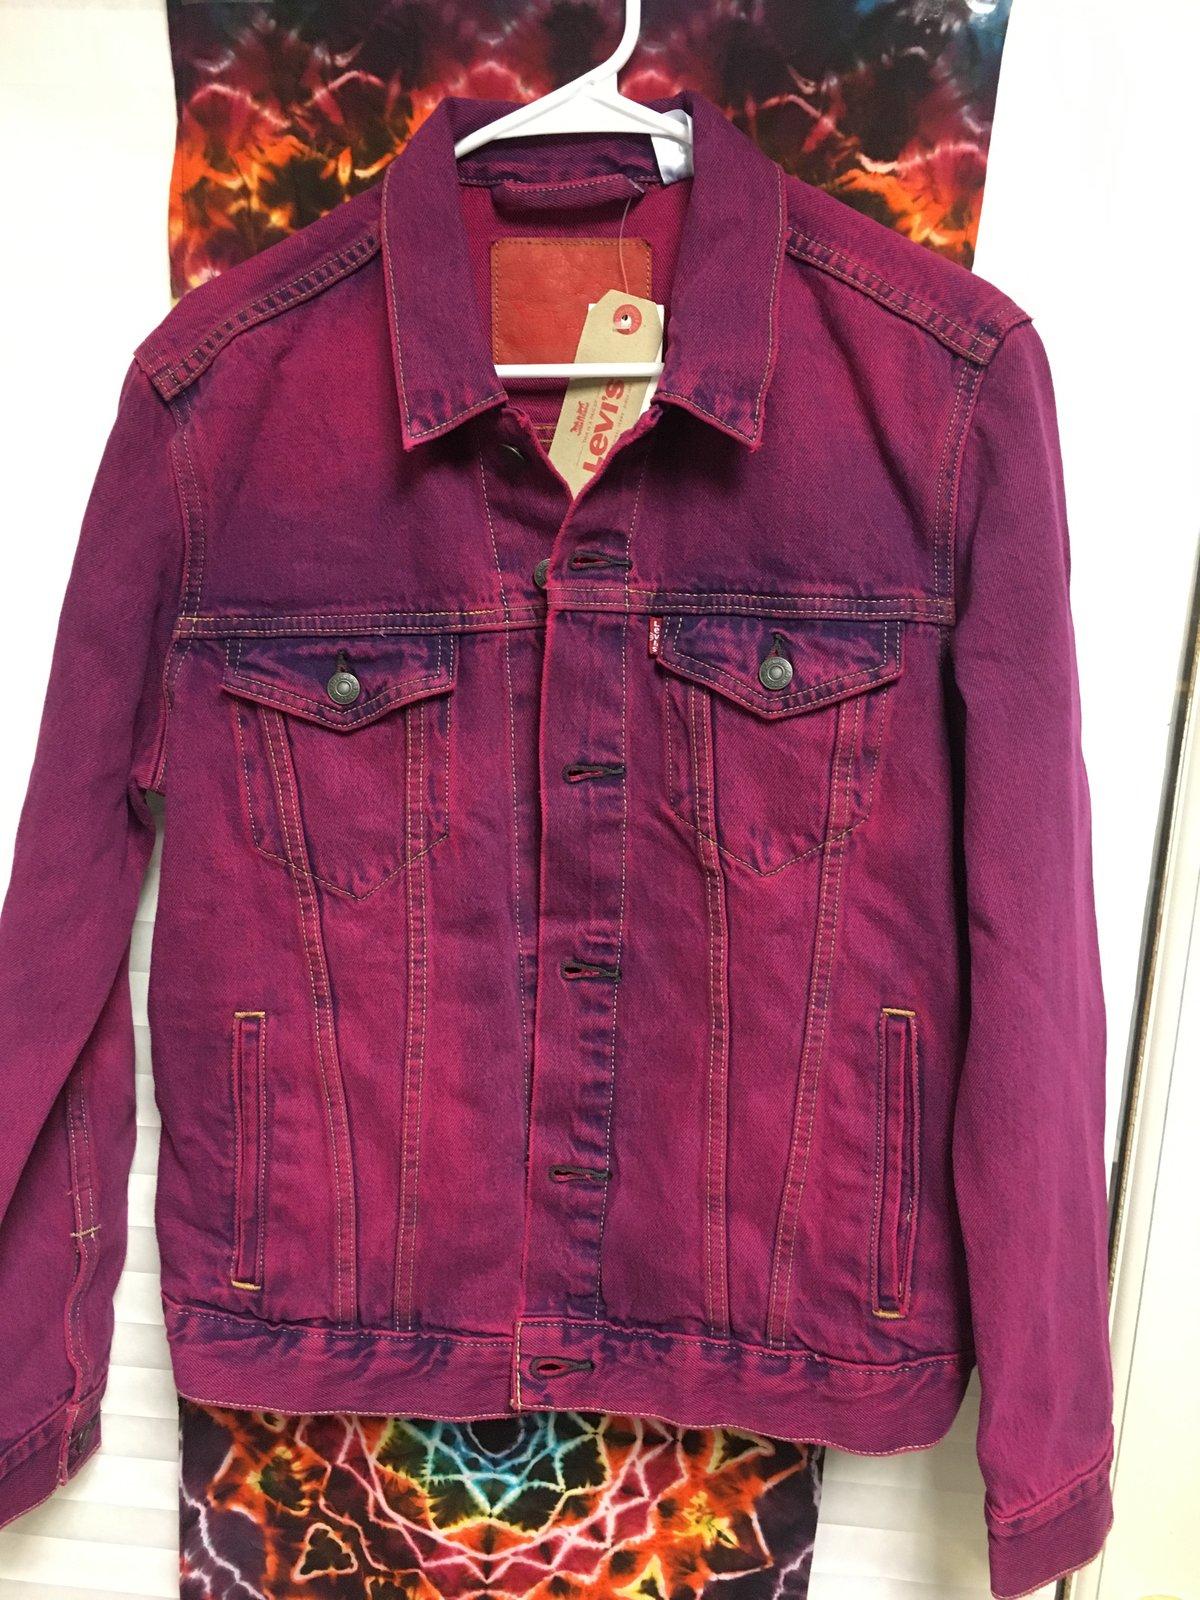 NEW Custom Dyed Ice Cream Bear Embroidered Vintage Levi's Jacket!! - Medium!